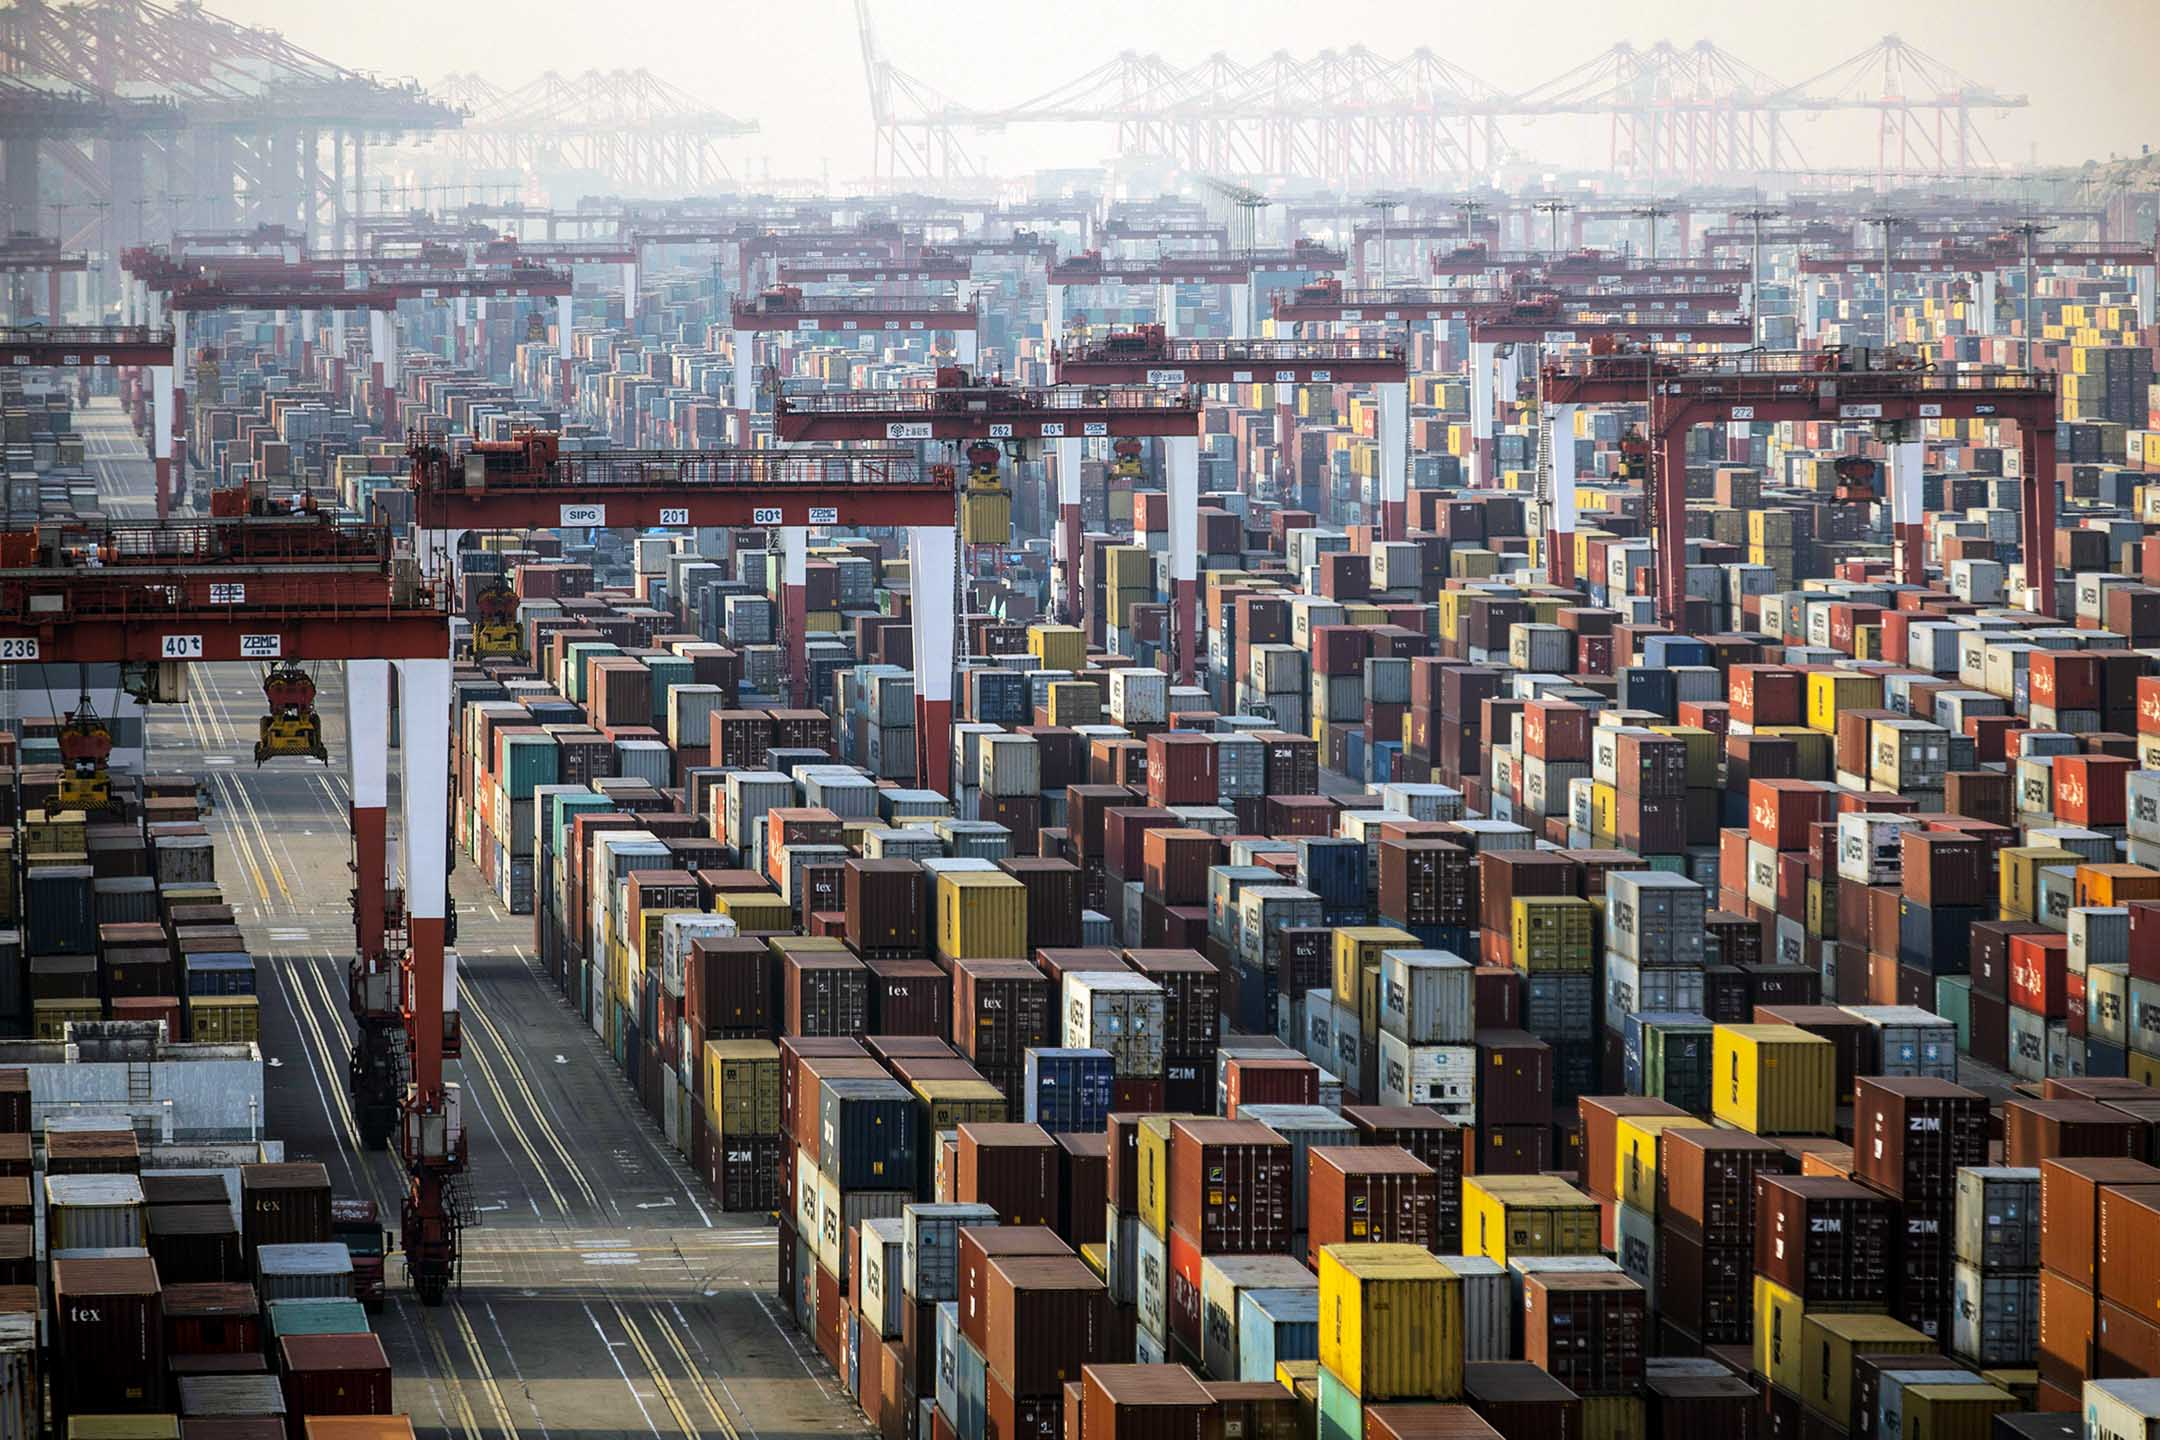 2021年1月11日中國上海,洋山深水港的貨櫃。